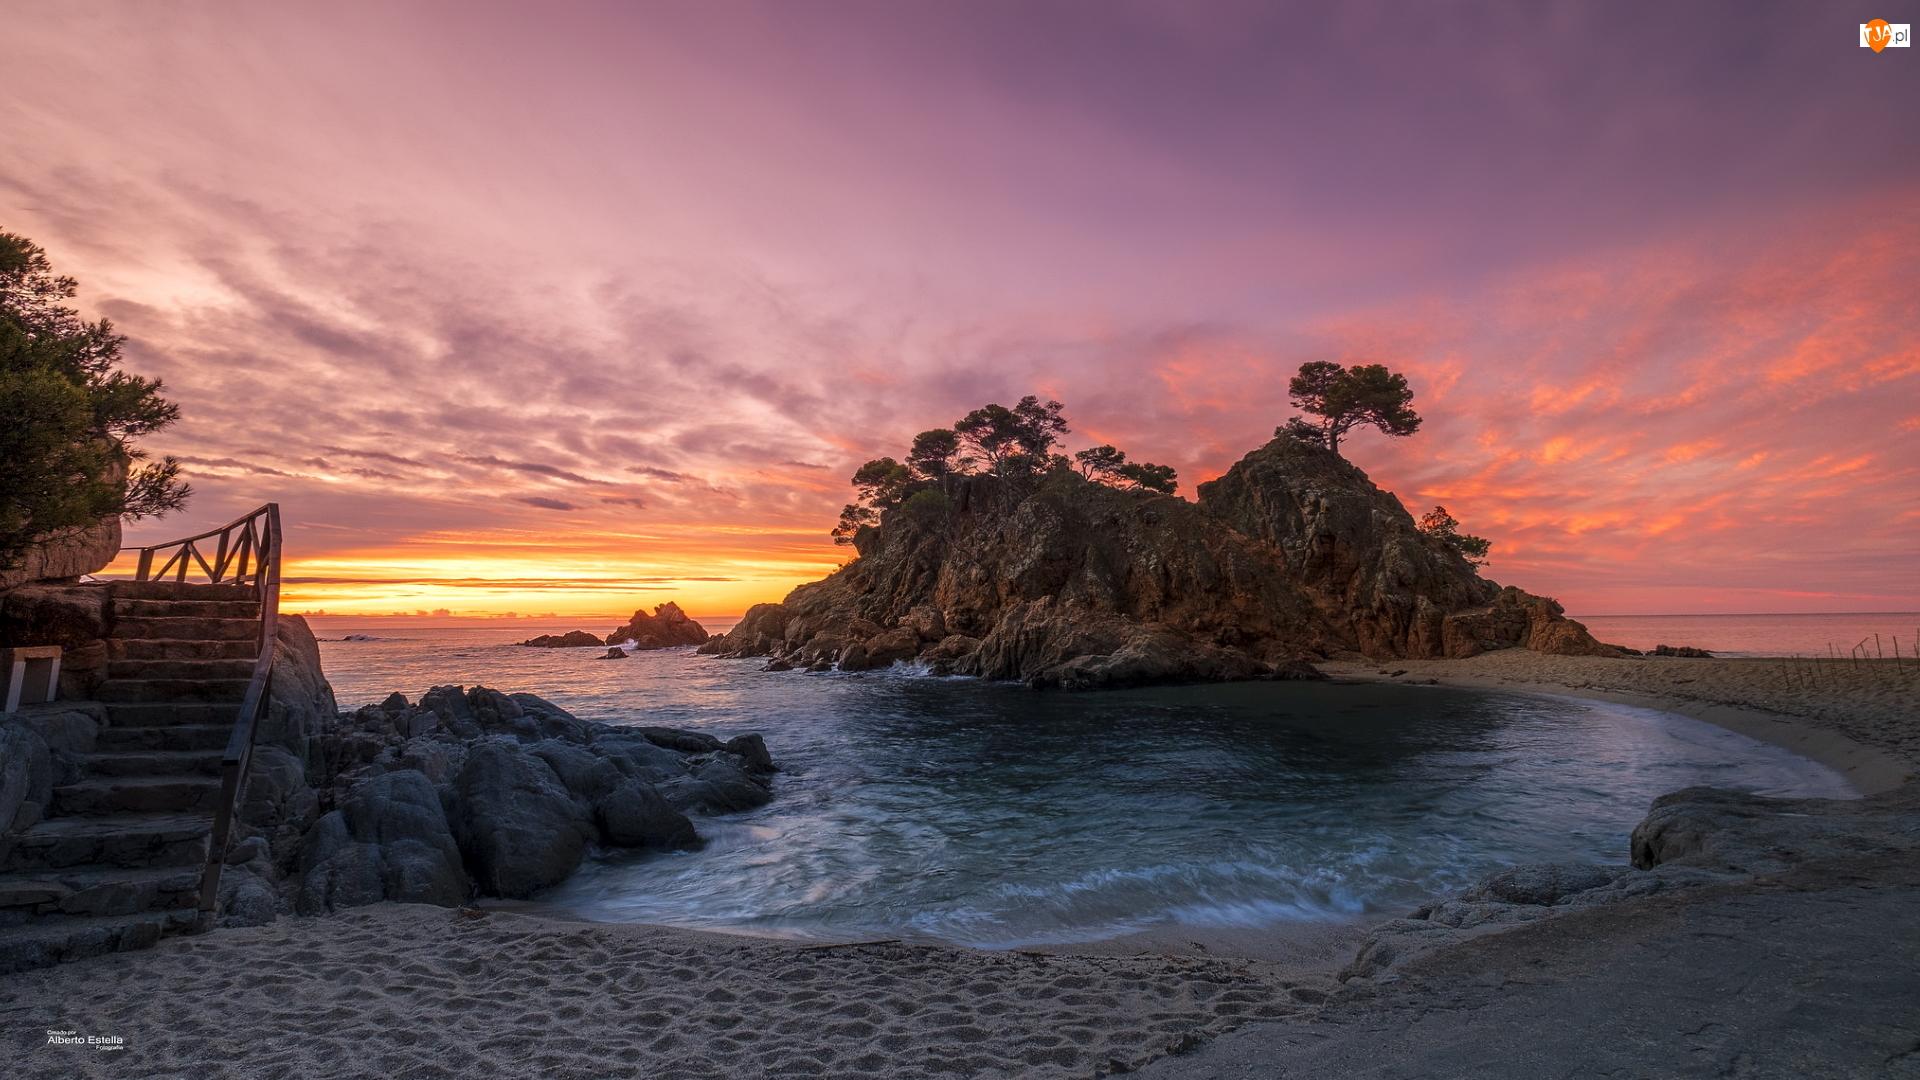 Hiszpania, Plaża, Katalonia, Drzewa, Playa de Aro, Schody, Morze, Zachód słońca, Skała